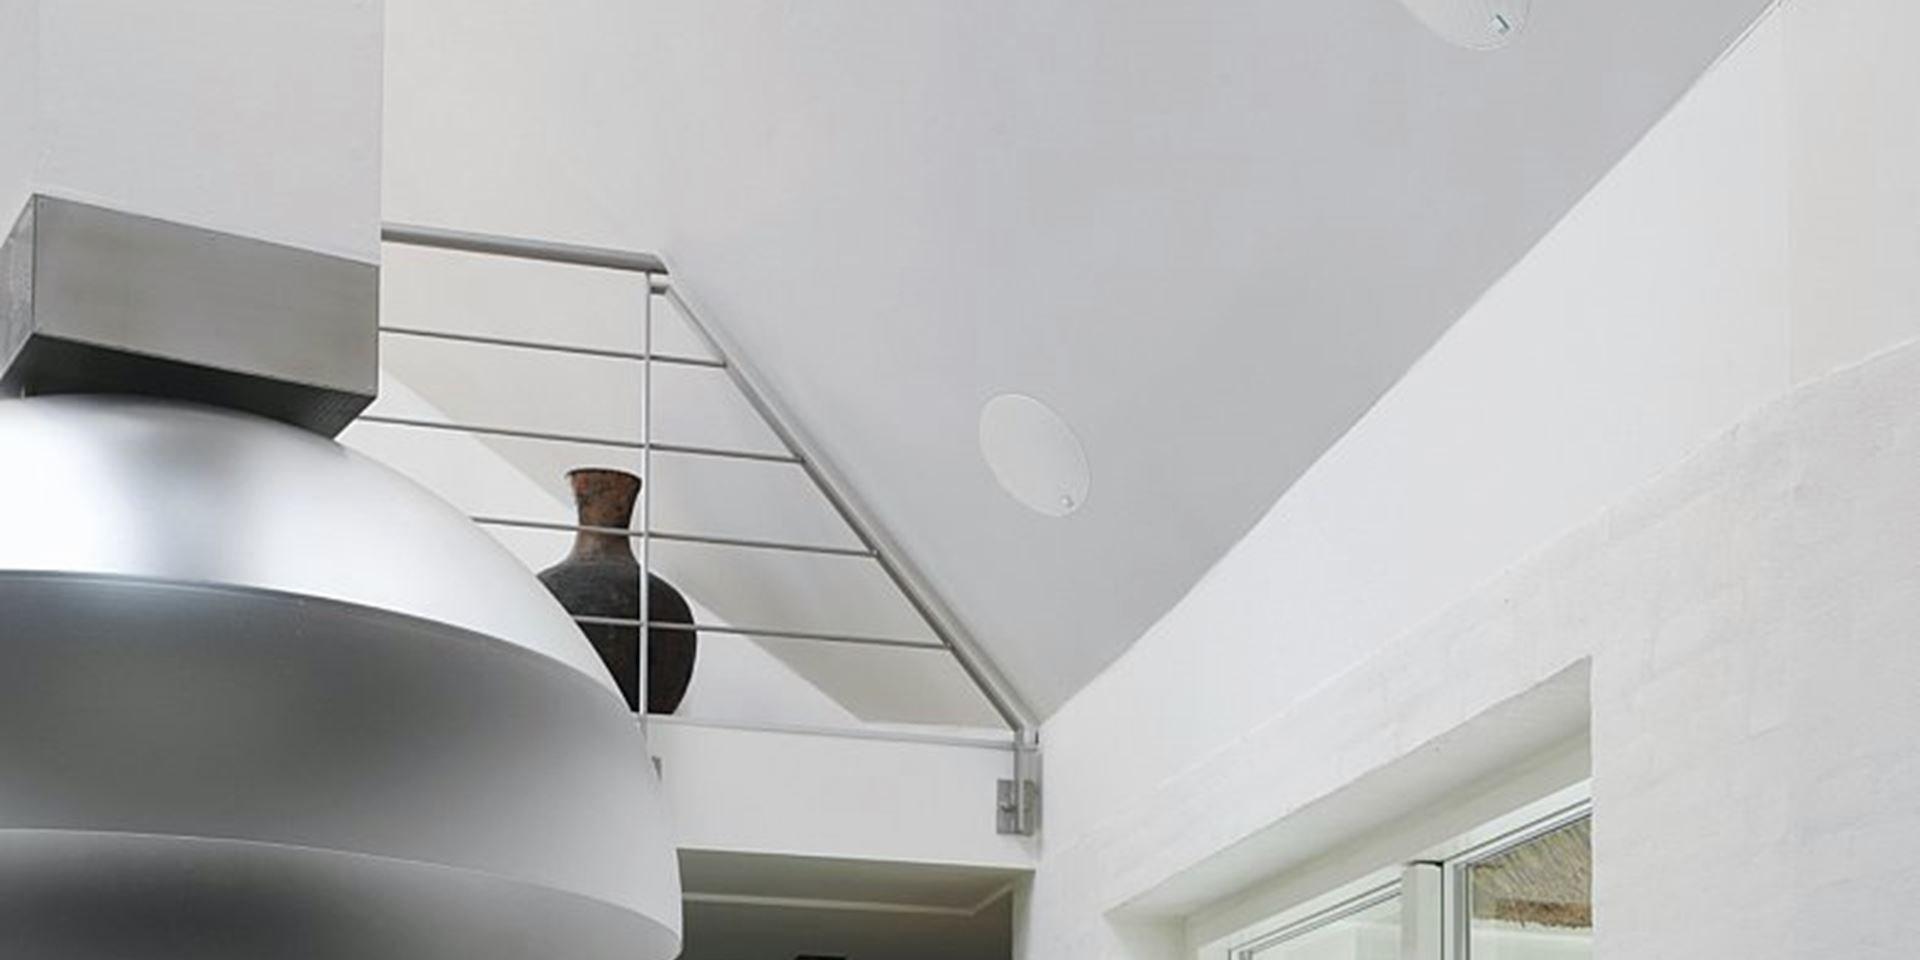 In Ceiling Speaker on slanted white wall in modern house